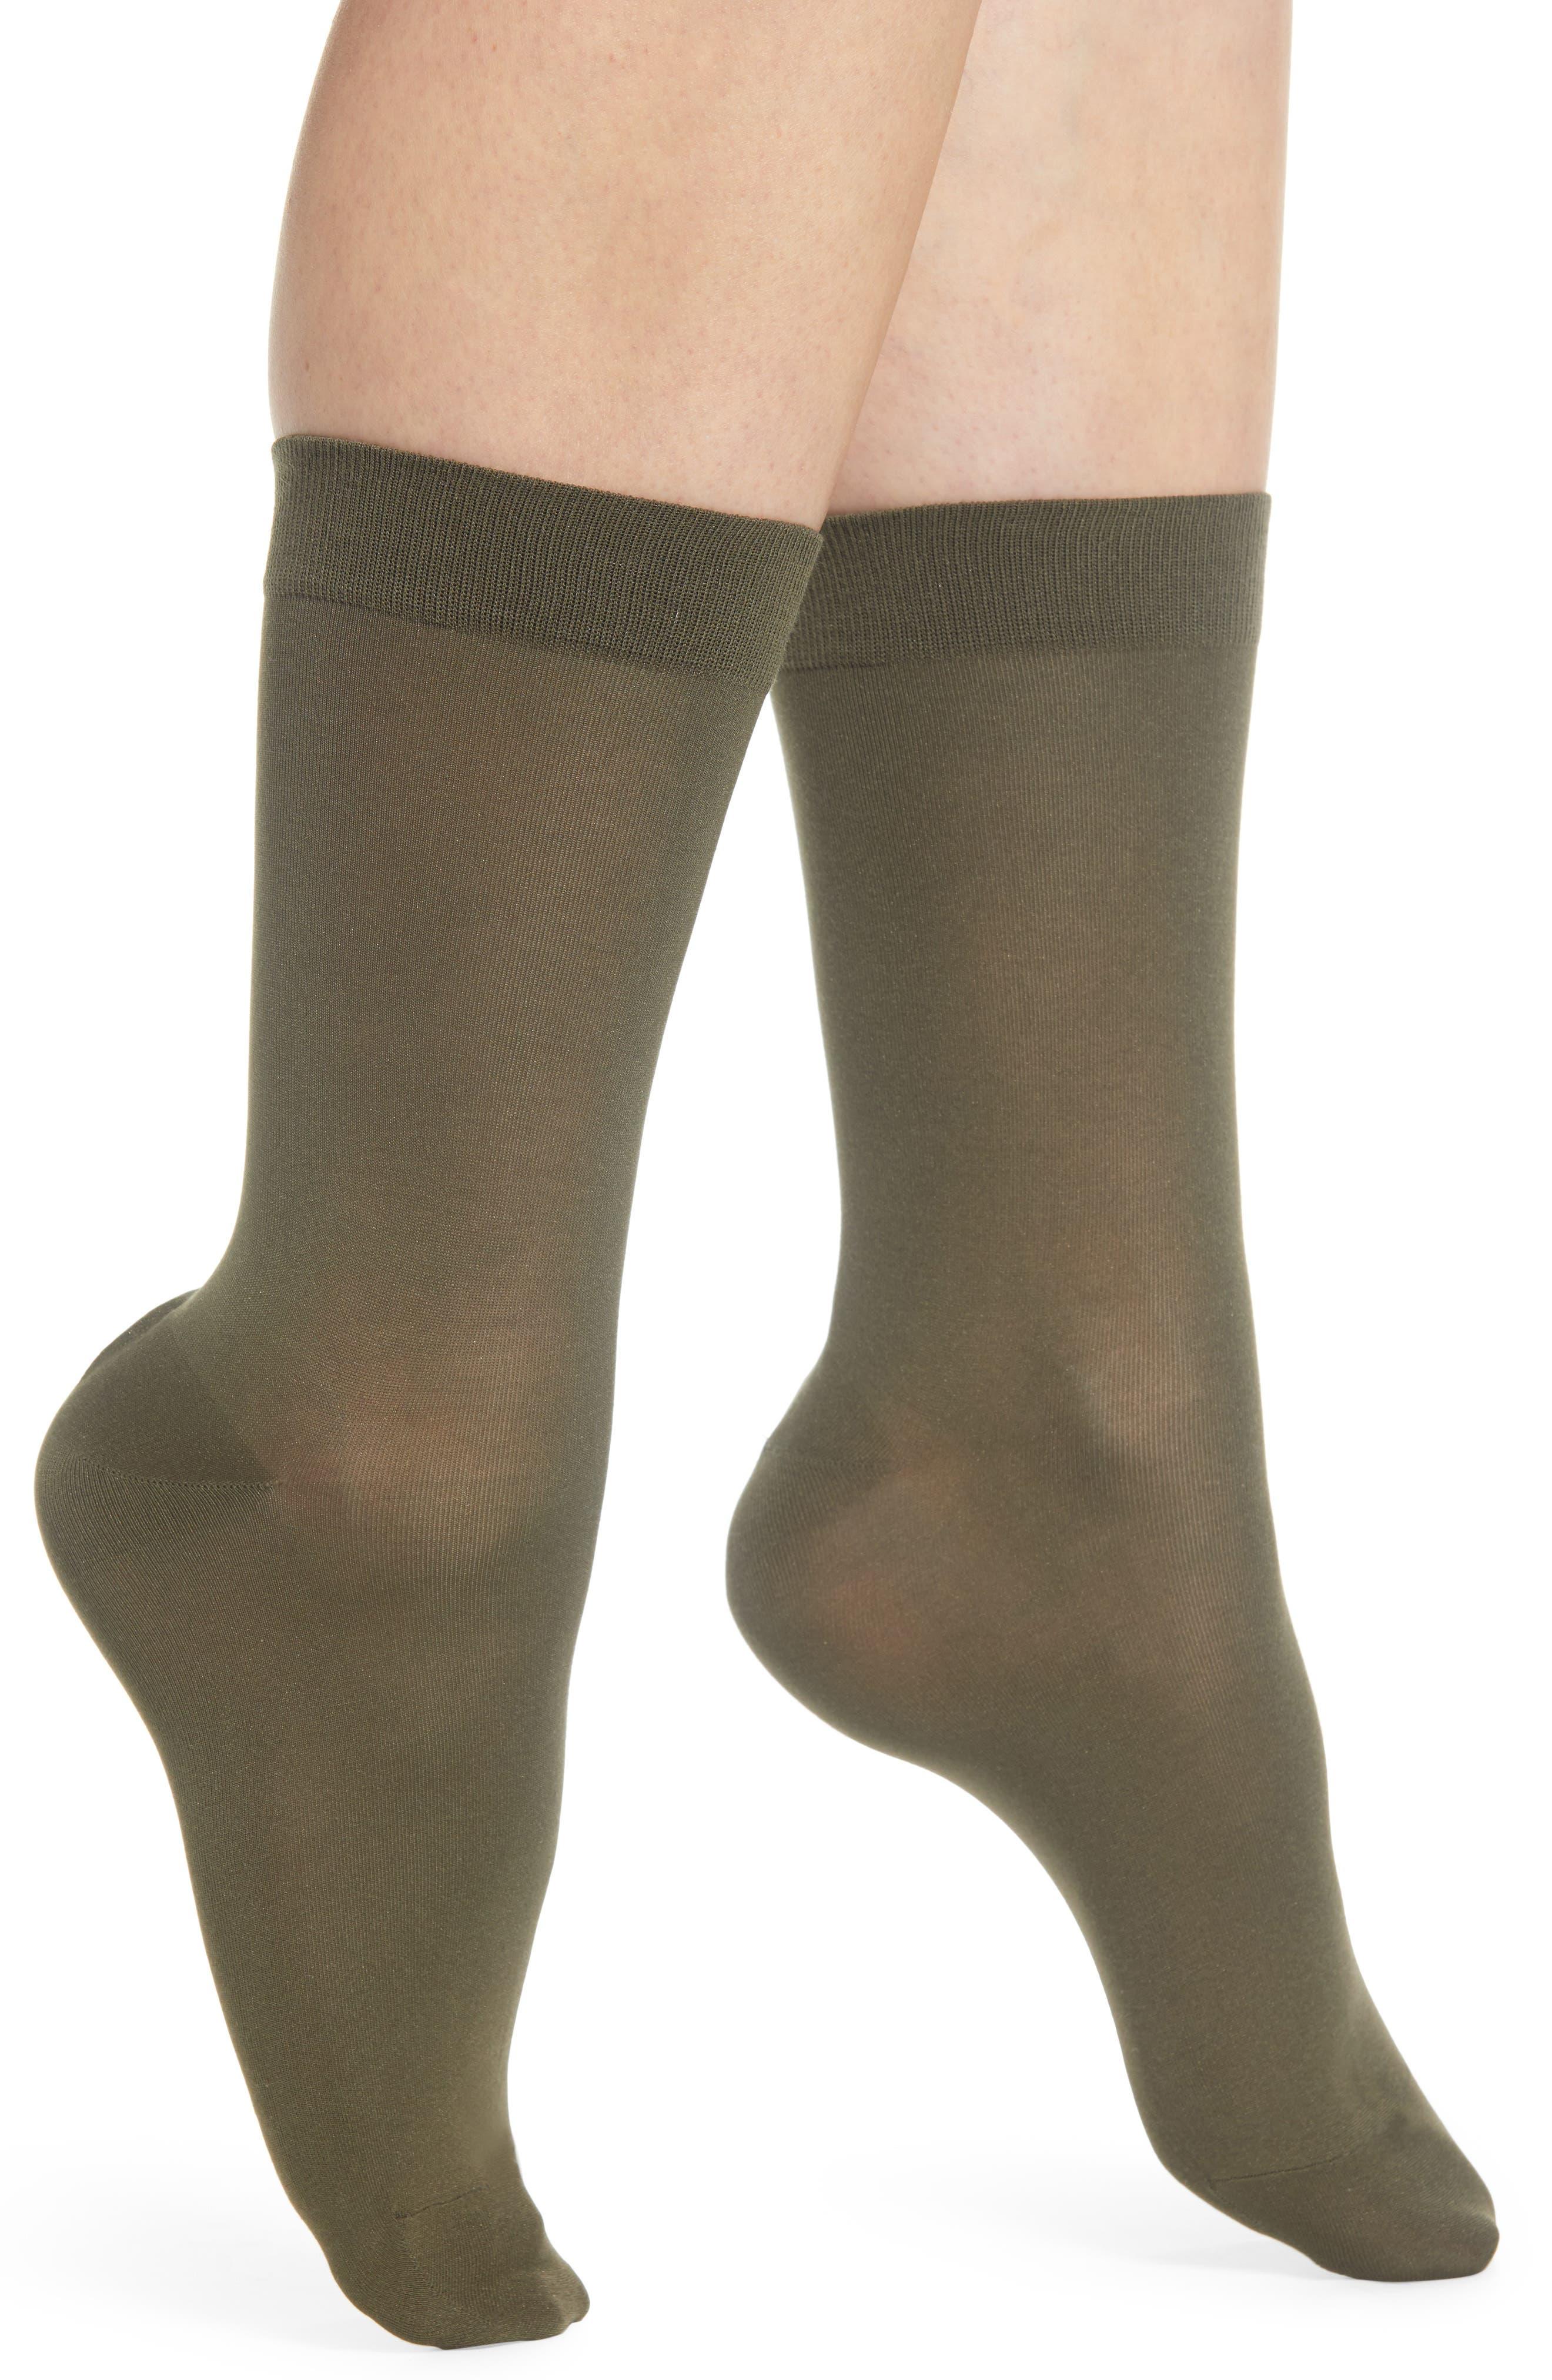 FALKE Cotton Blend Trouser Socks, Main, color, MILITARY